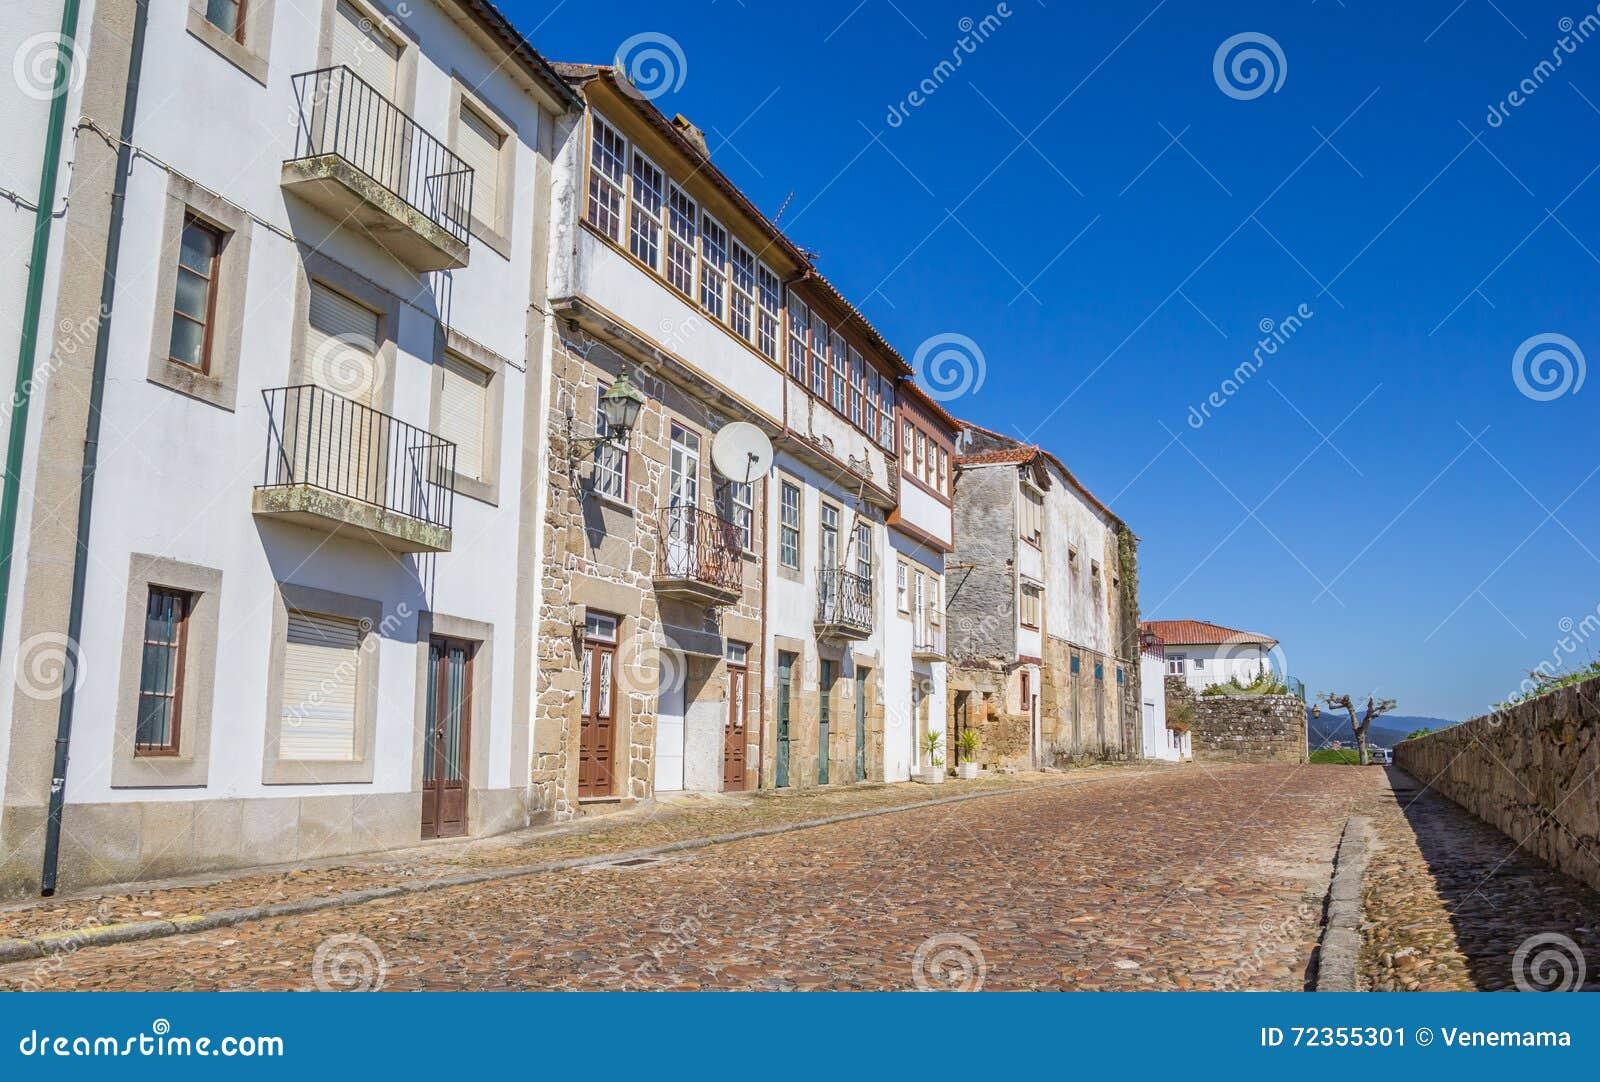 铺有鹅卵石的街道在瓦伦西亚做米尼奥省